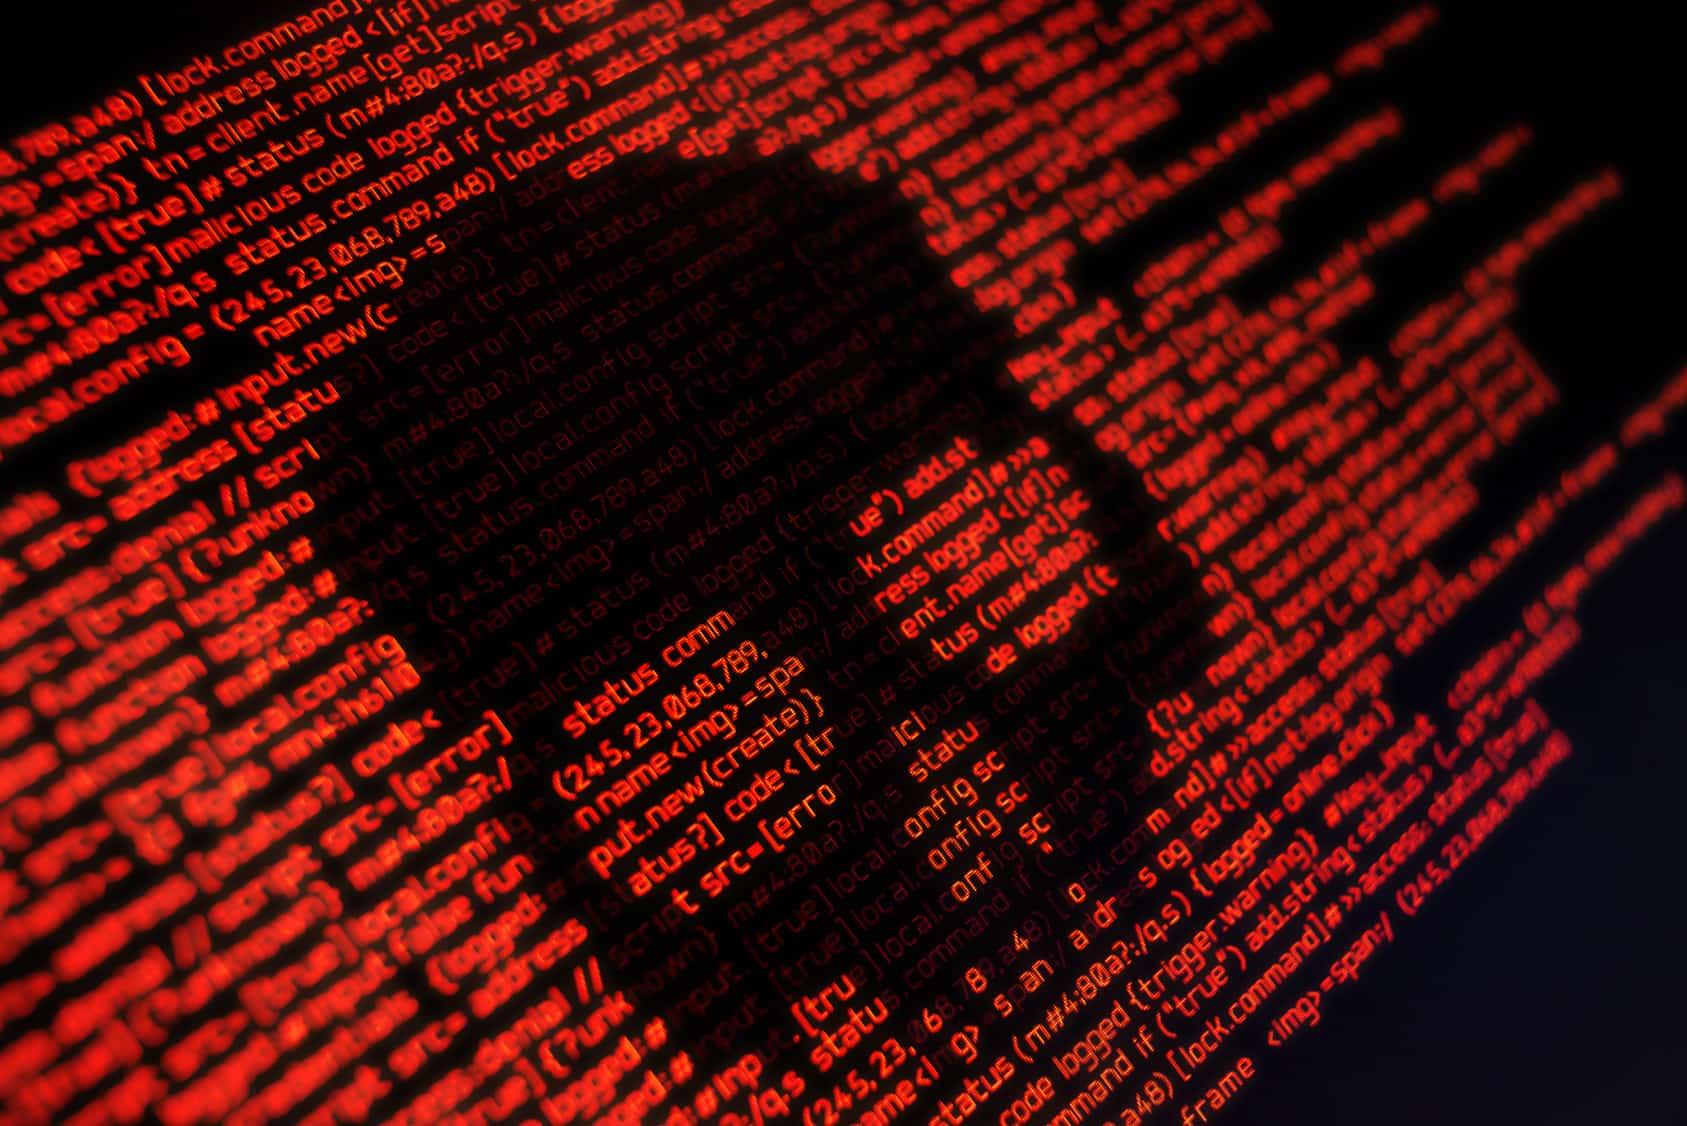 El año pasado, 92% de las empresas en México sufrió algún tipo de ciberataque, destacó la consultora Kroll.